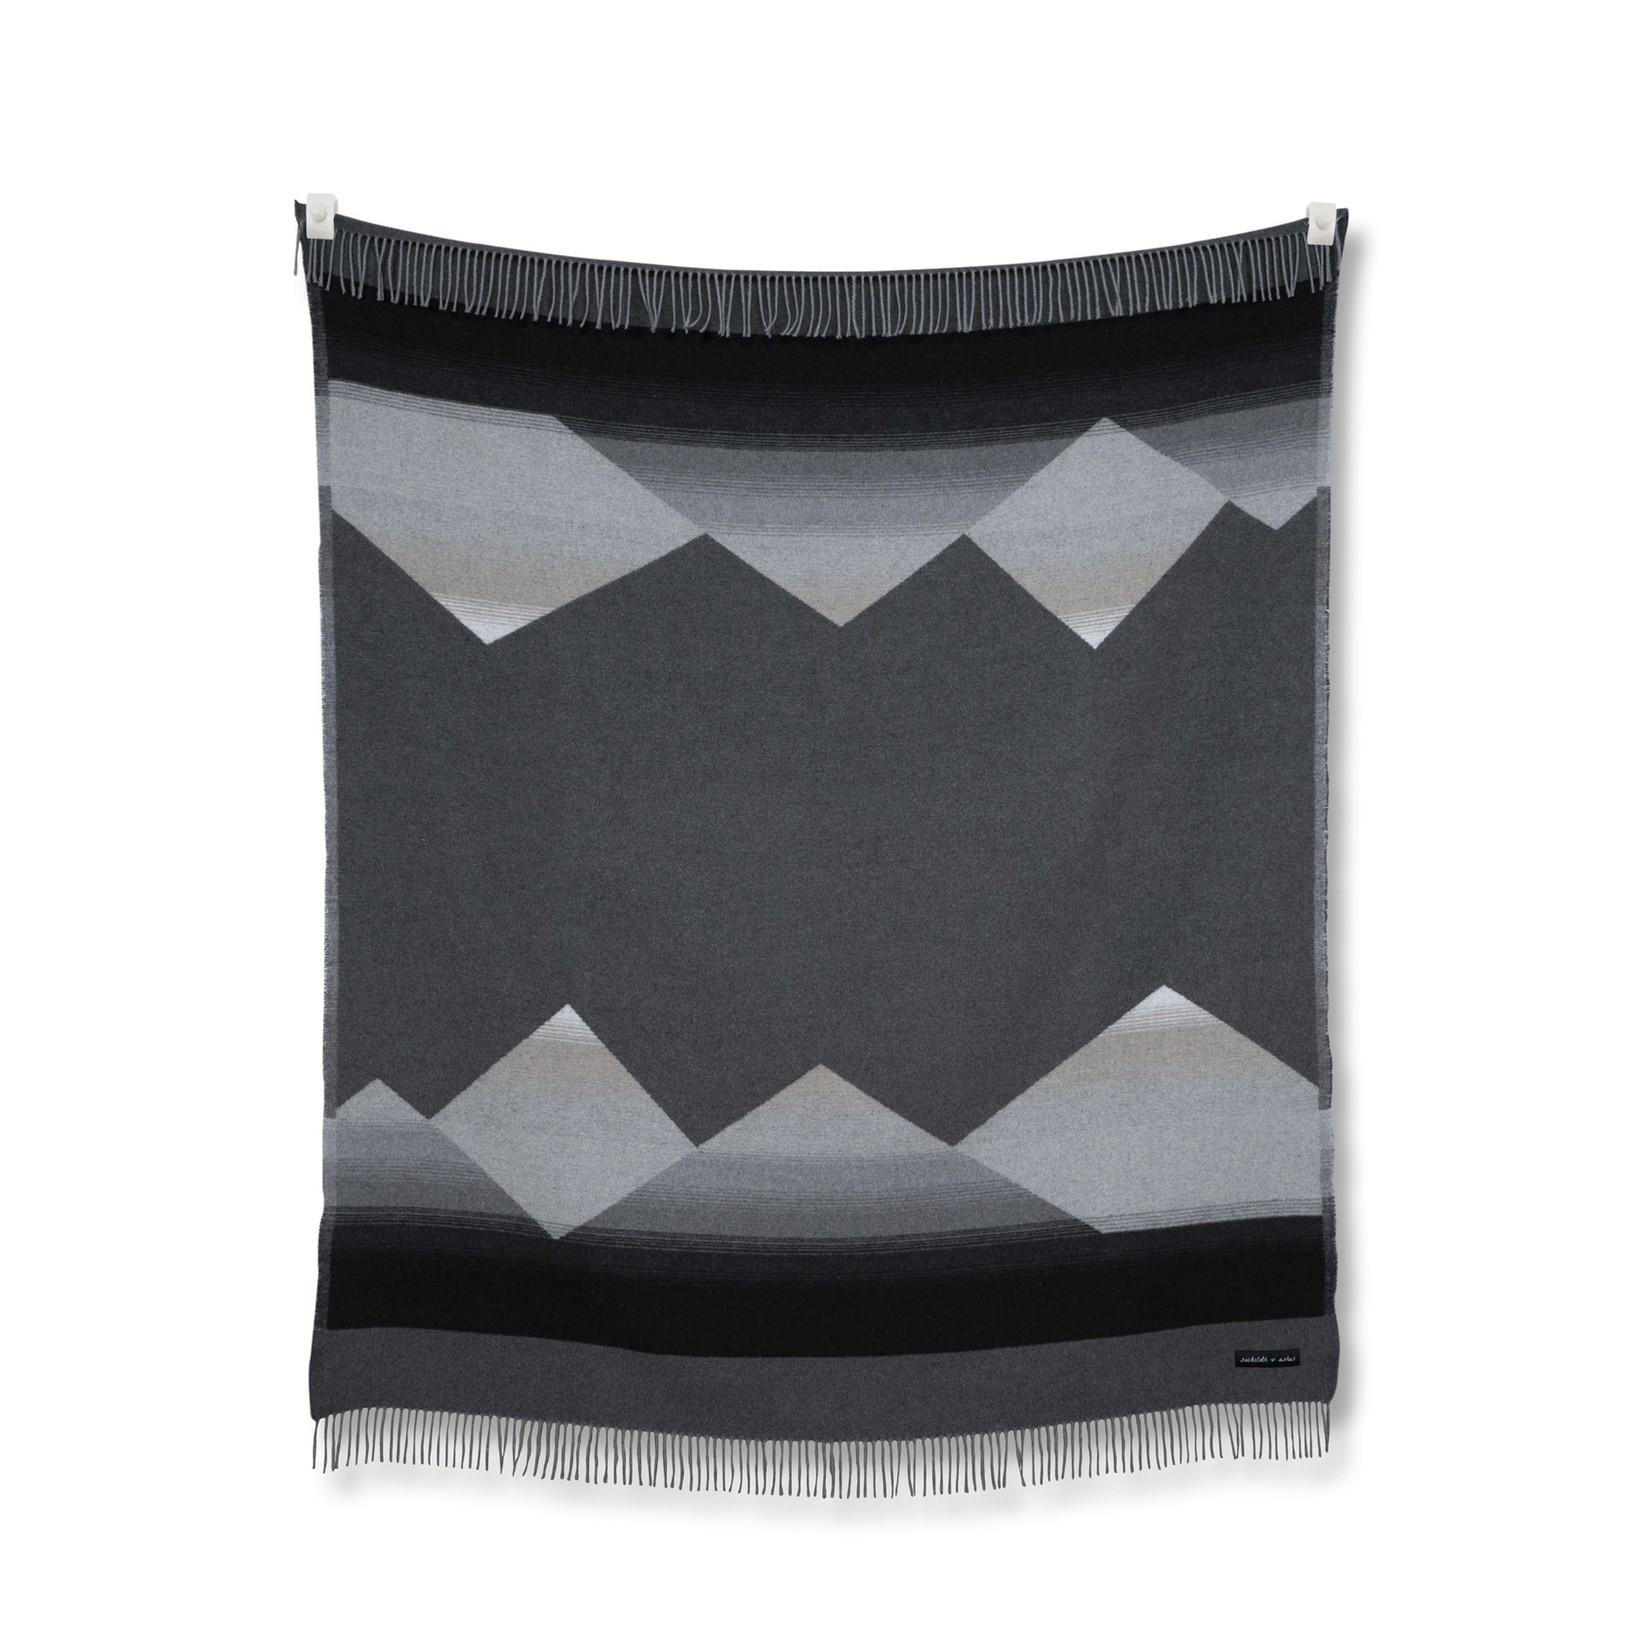 Sackcloth & Ashes Sackcloth & Ashes Blanket Mountain Coal